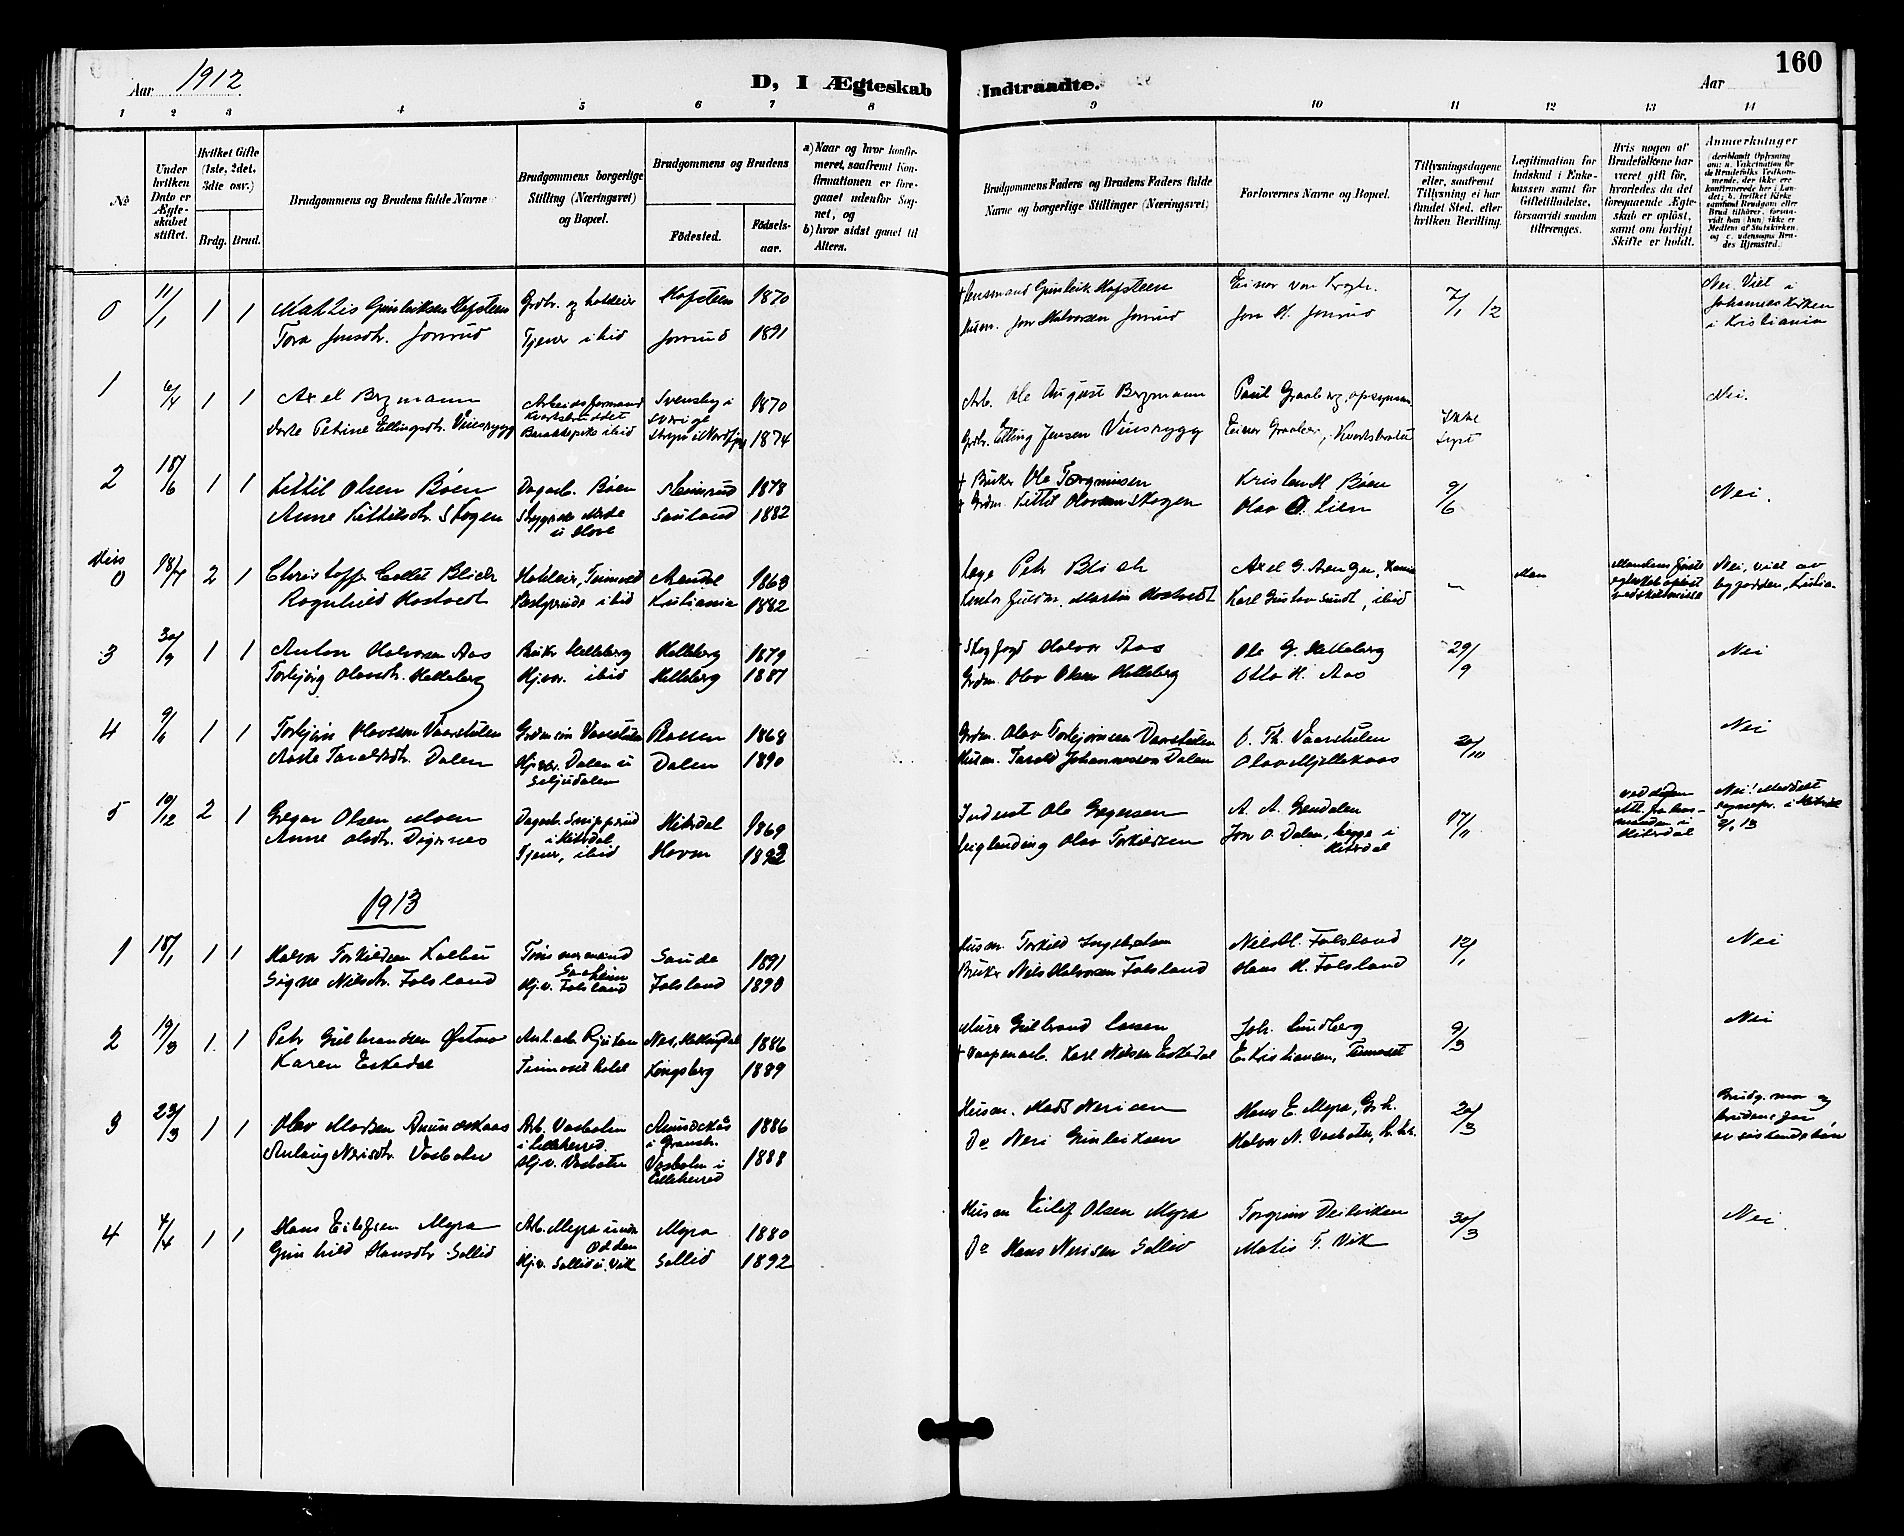 SAKO, Gransherad kirkebøker, G/Ga/L0003: Klokkerbok nr. I 3, 1887-1915, s. 160